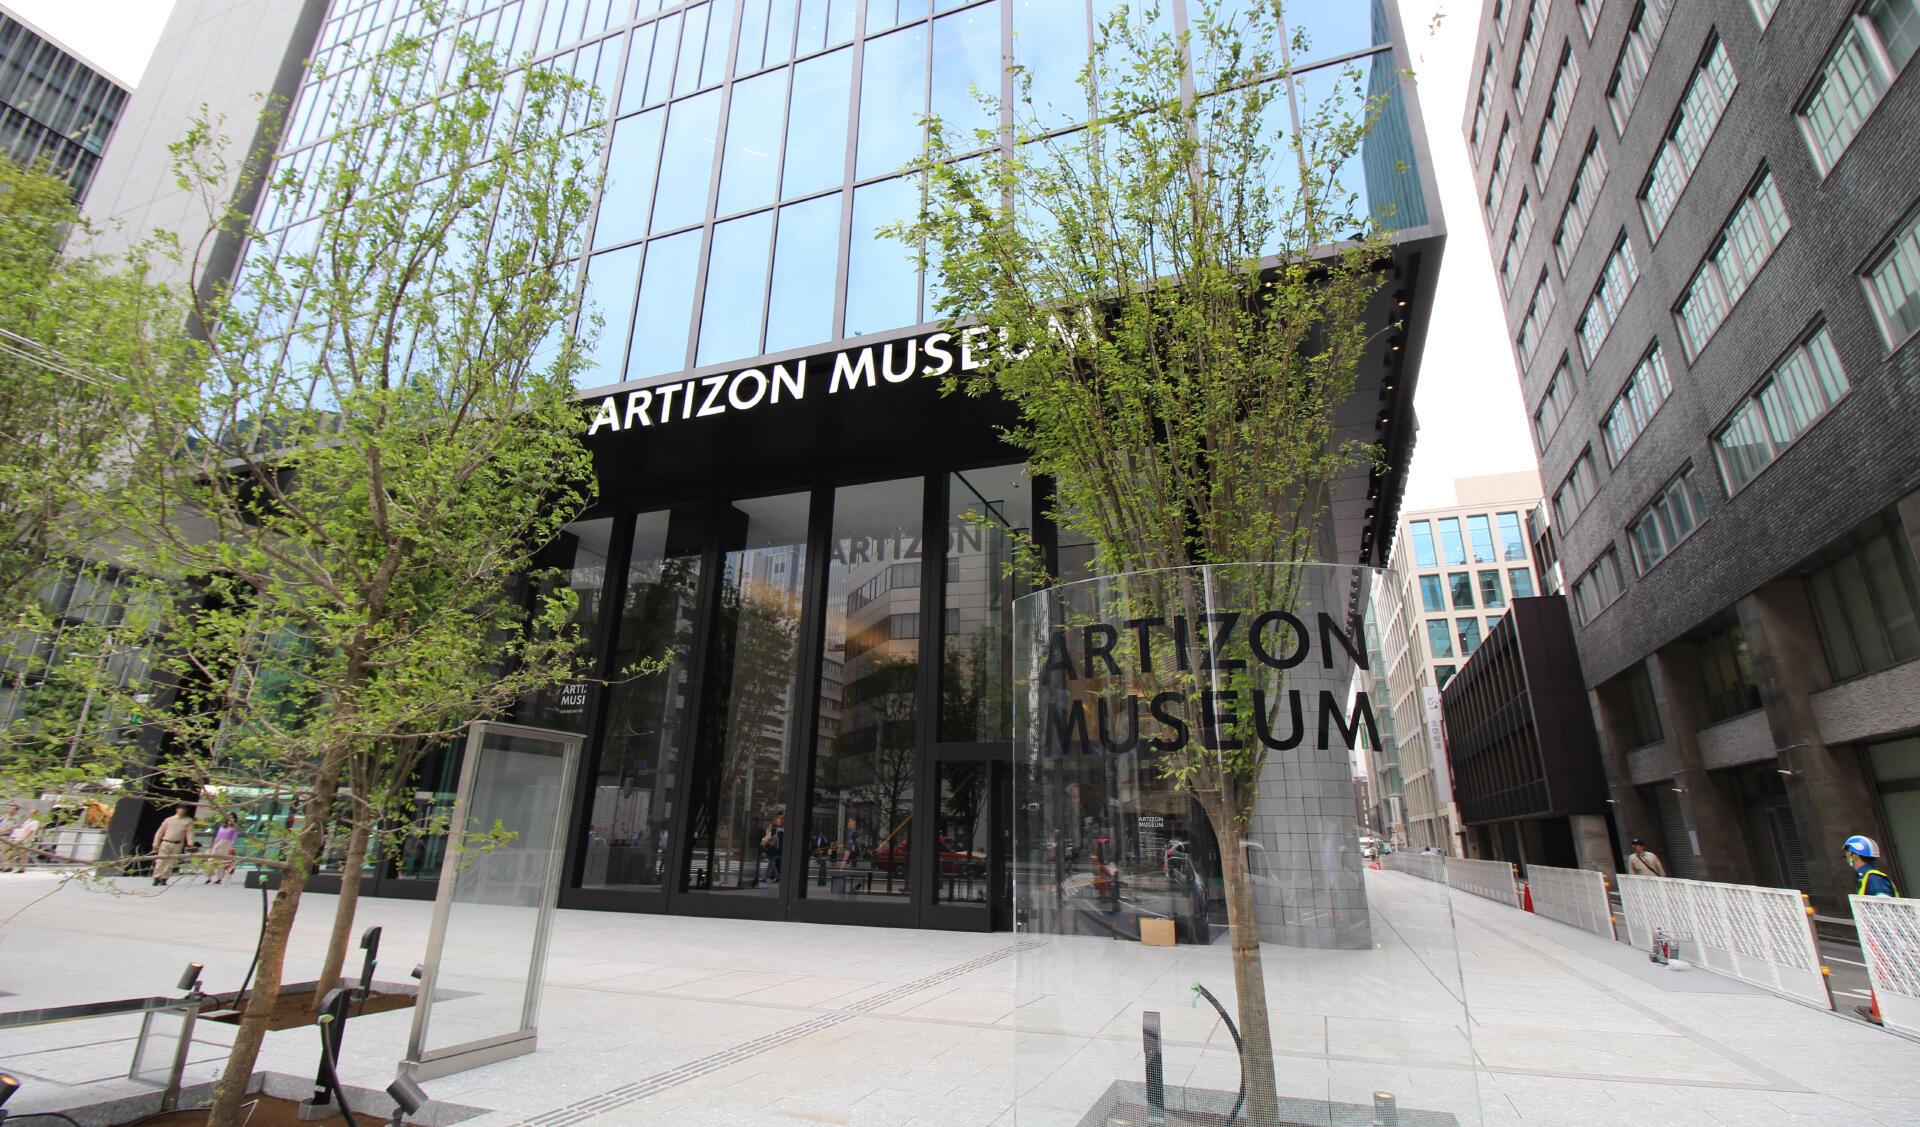 アーティゾン美術館 の写真